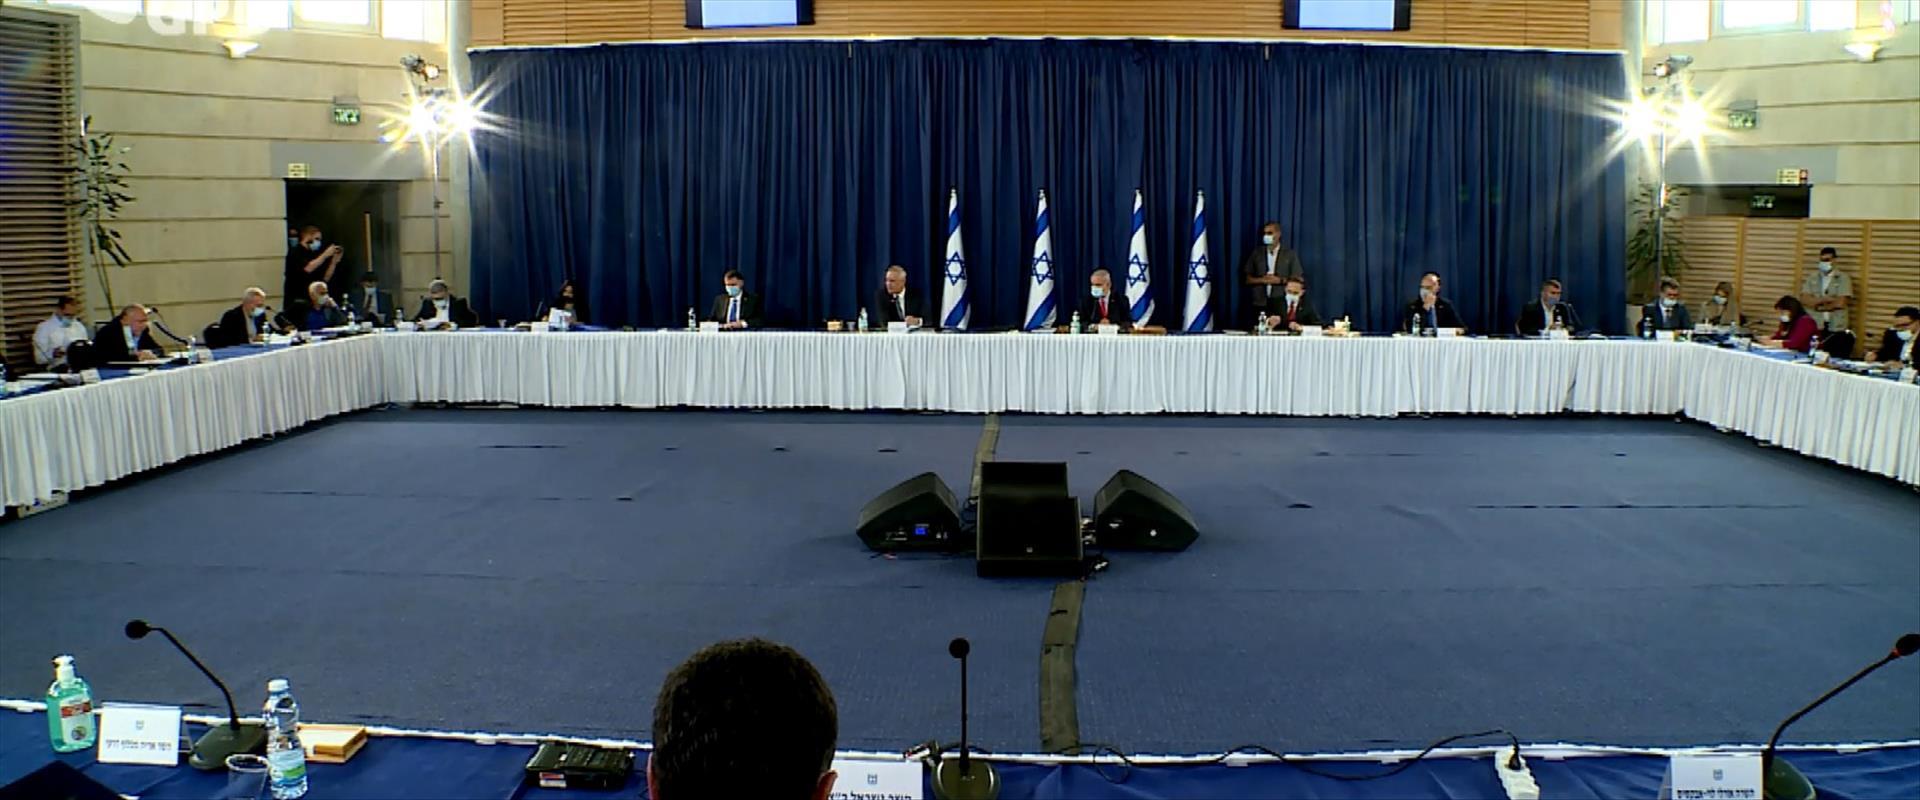 ישיבת ממשלה, ארכיון